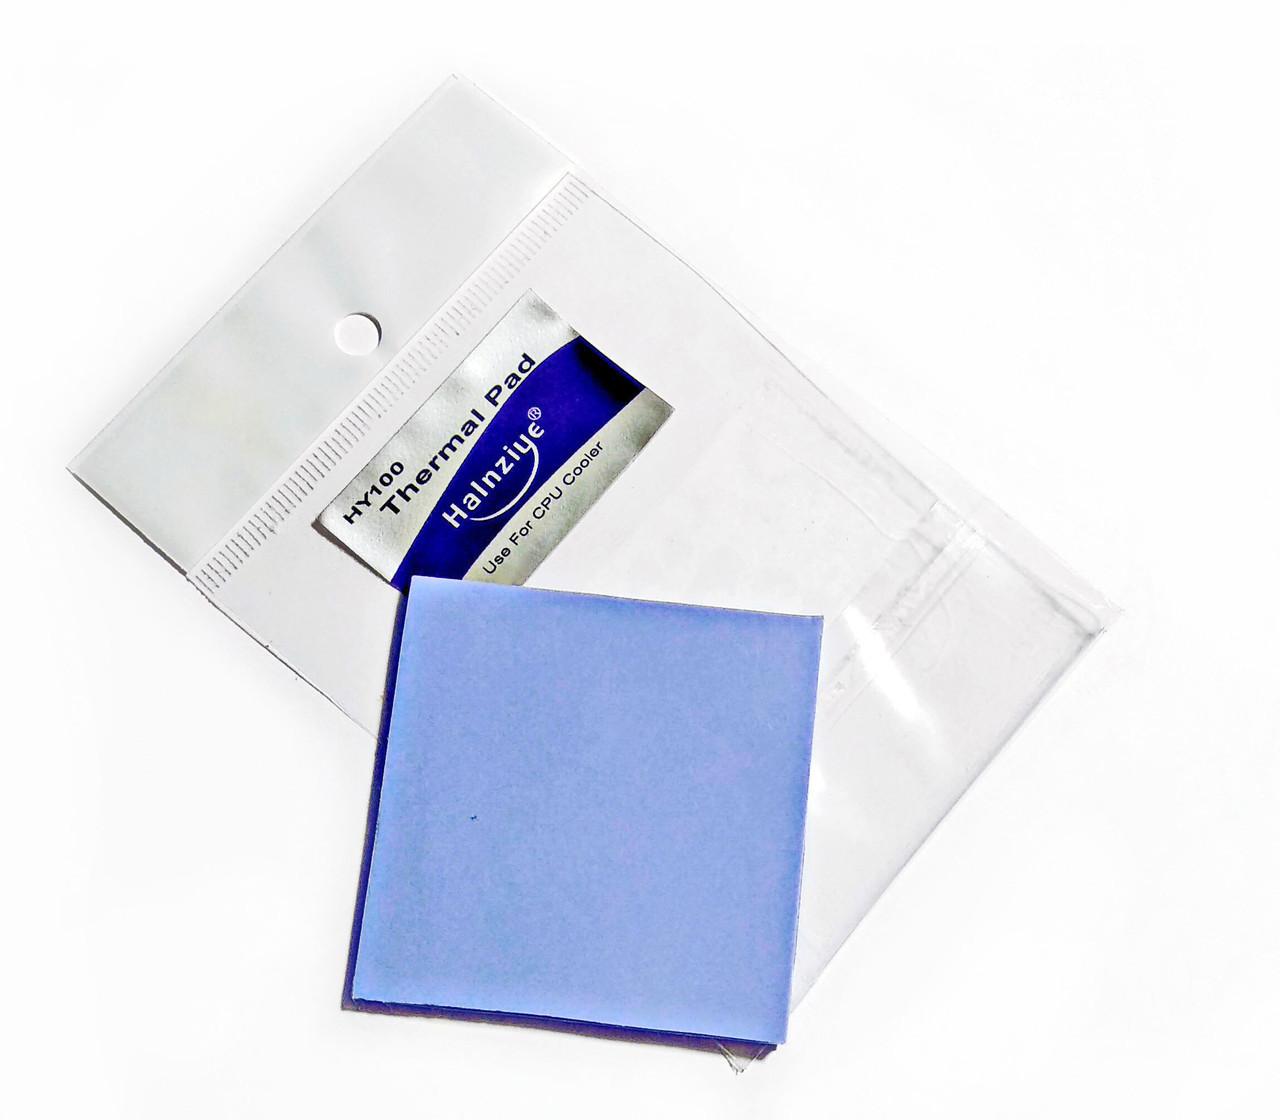 Термопрокладка Halnziye HC54 2.5мм 50х50 синяя 4 Вт/(м*К) термоинтерфейс для ноутбука (TPr-HC54)